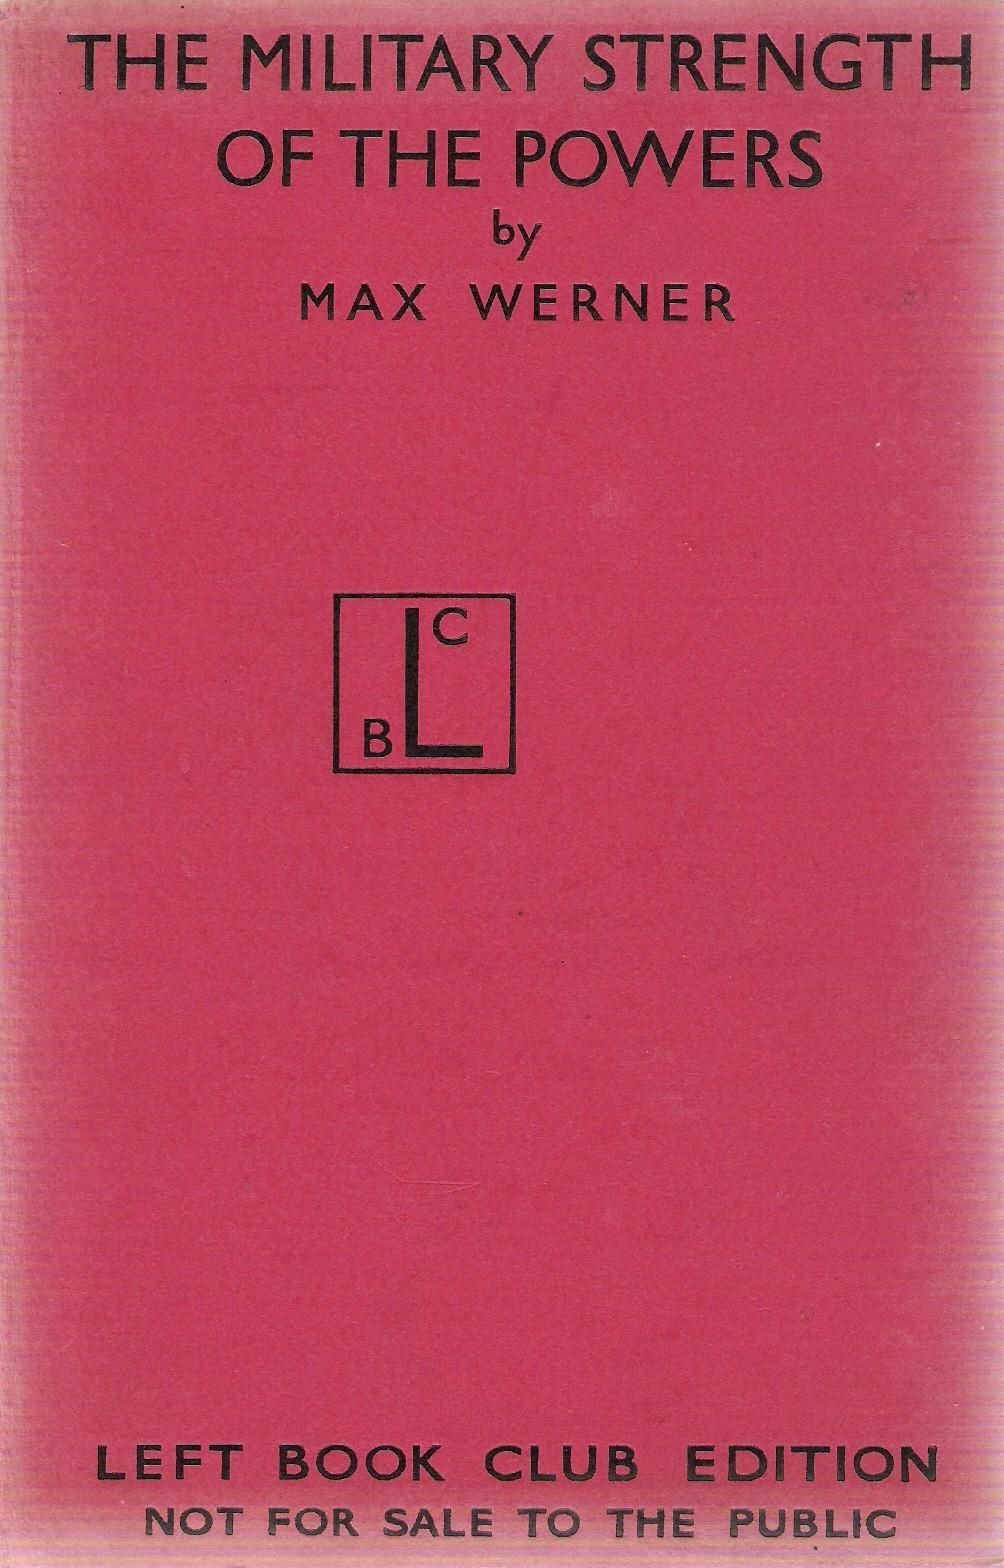 """الكتاب: """"القوة العسكرية للقوى"""" بقلم ماكس فيرنر ، ١٩٣٩"""